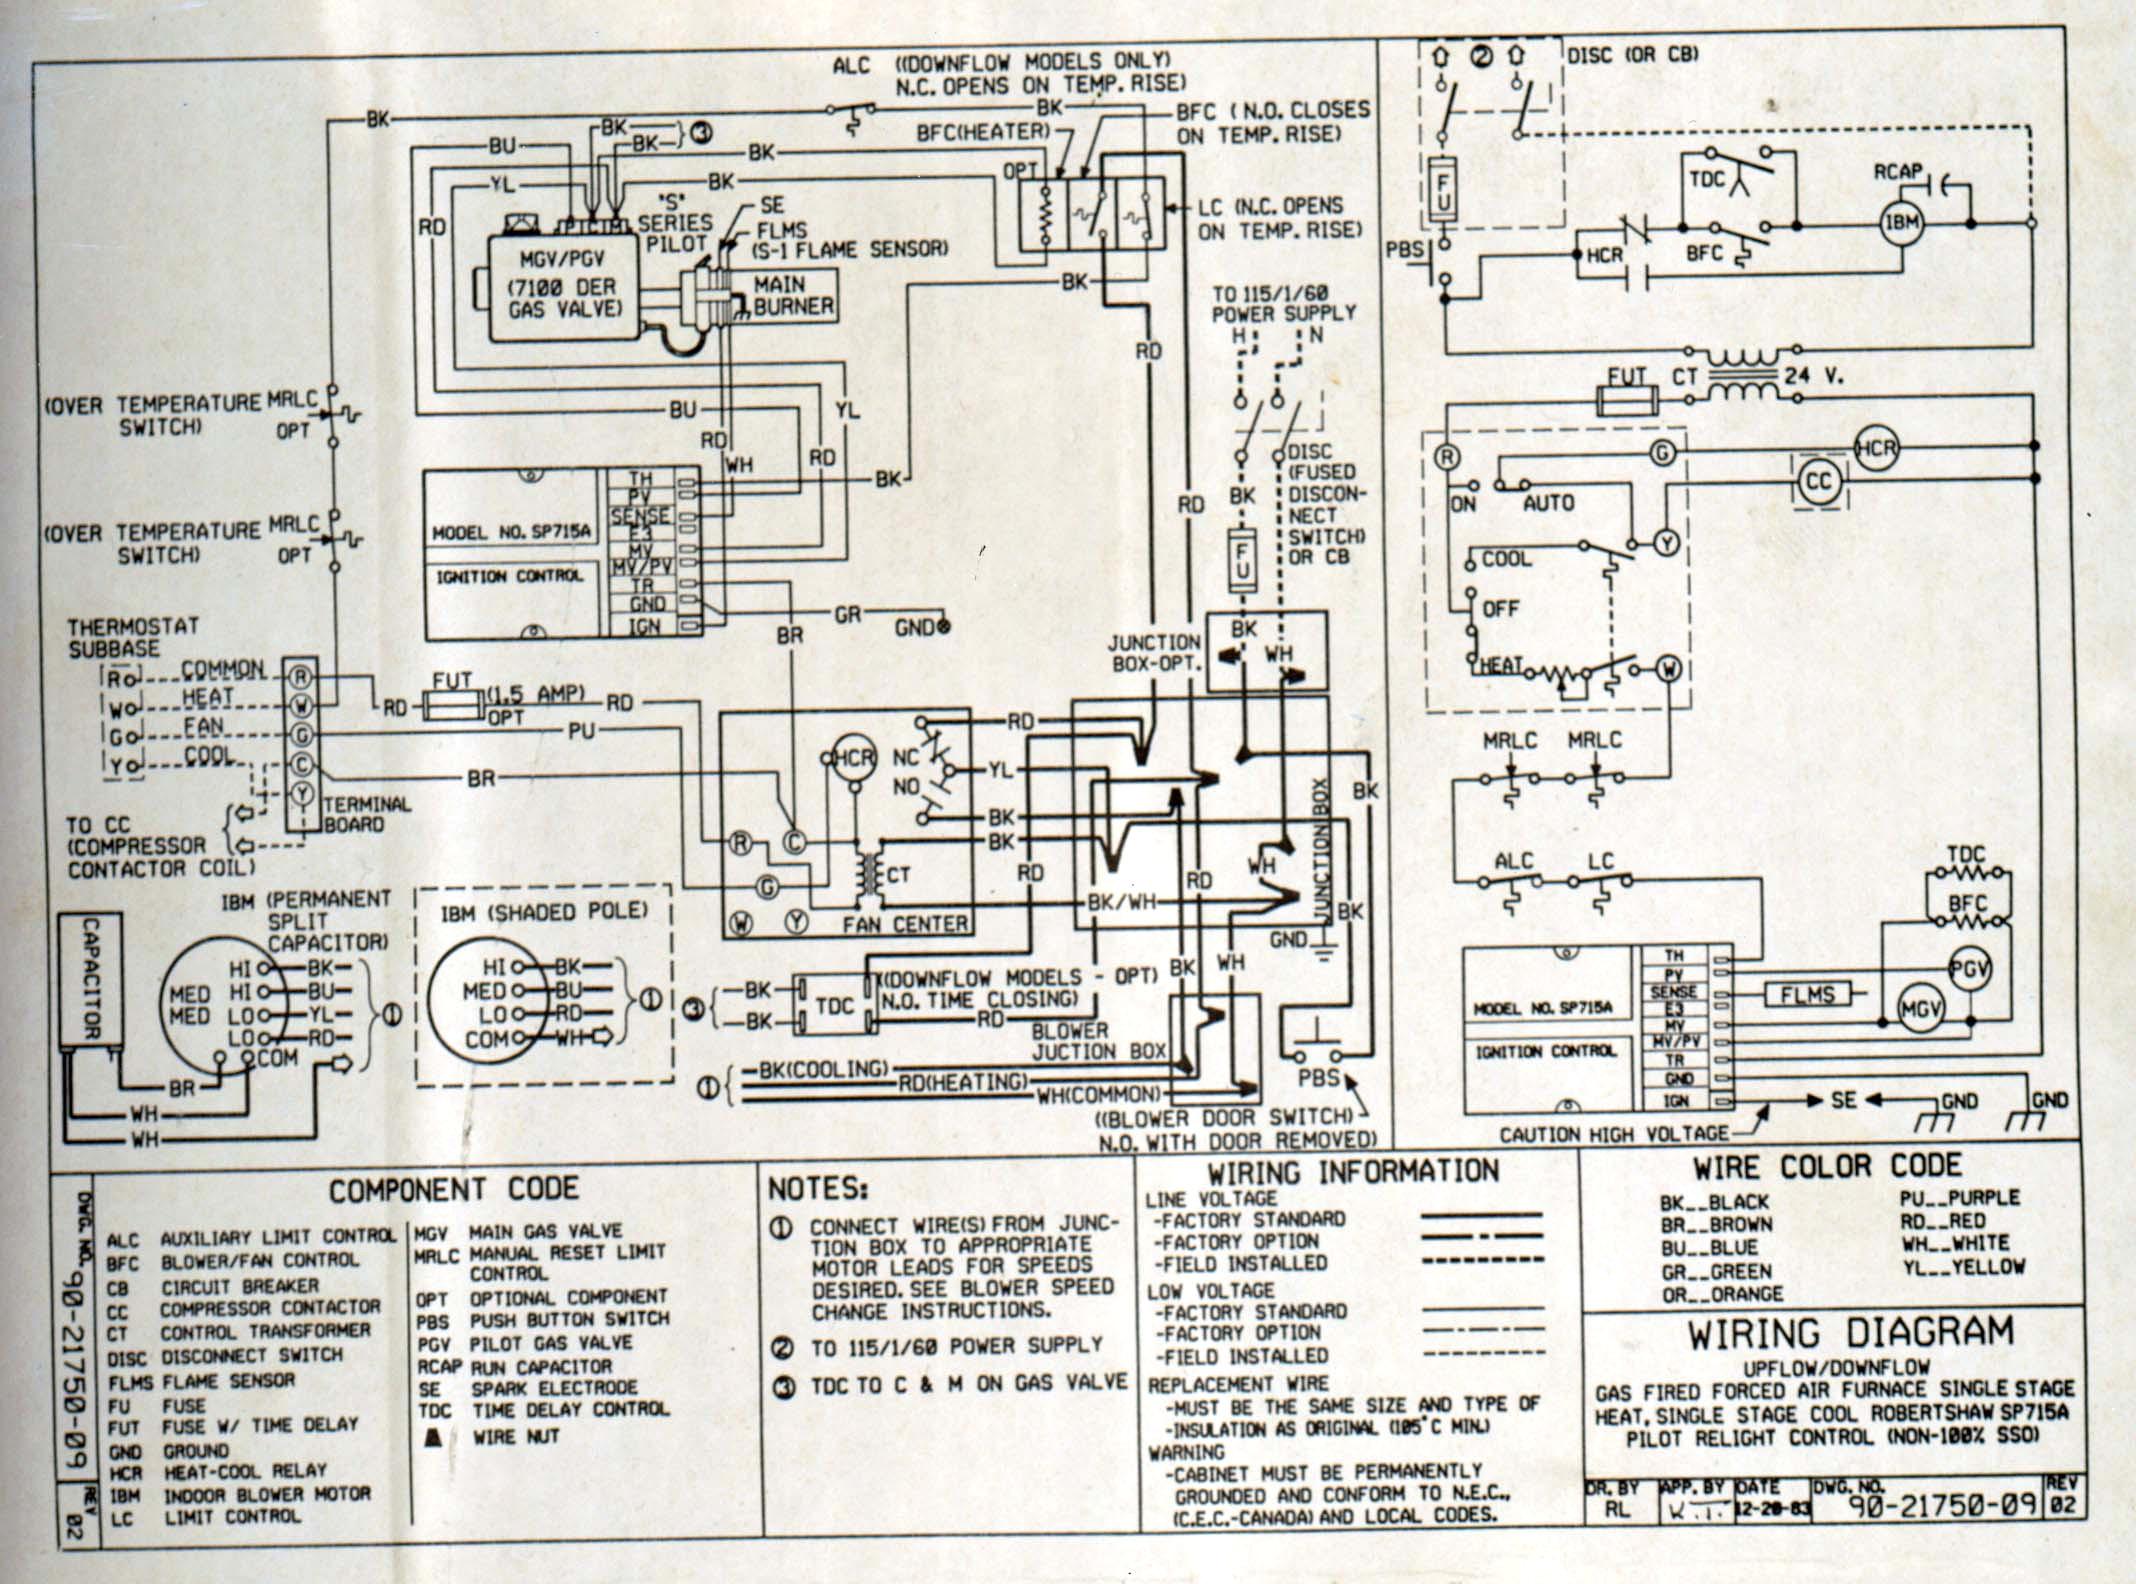 trane ac wiring diagram Collection-Trane Ac Wiring Diagram Best Trane Air Conditioner Wiring Diagram Gimnazijabp 18-n